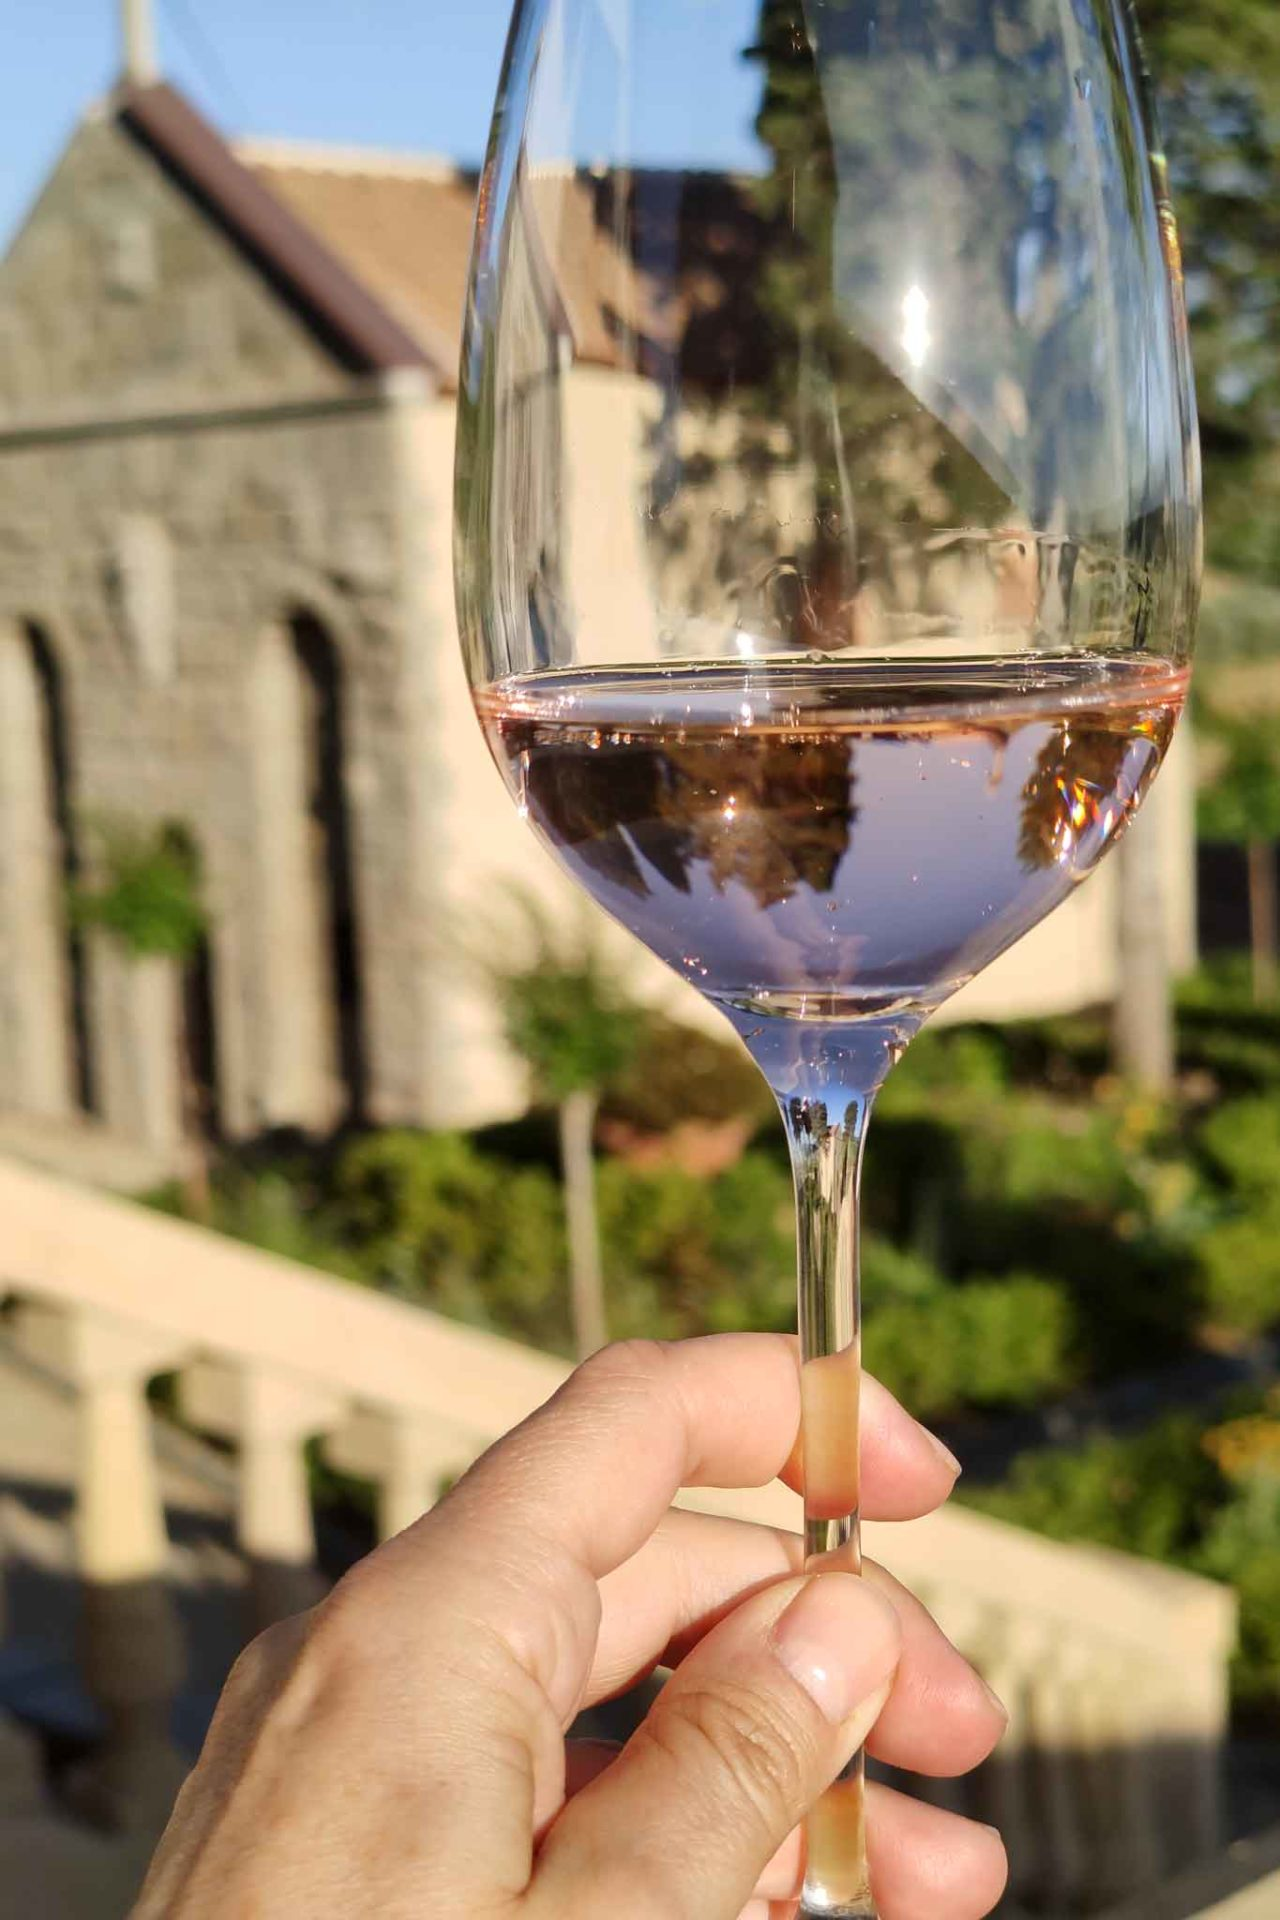 zijk rosato di Sangiovese Tenuta Casenuove Chianti Classico